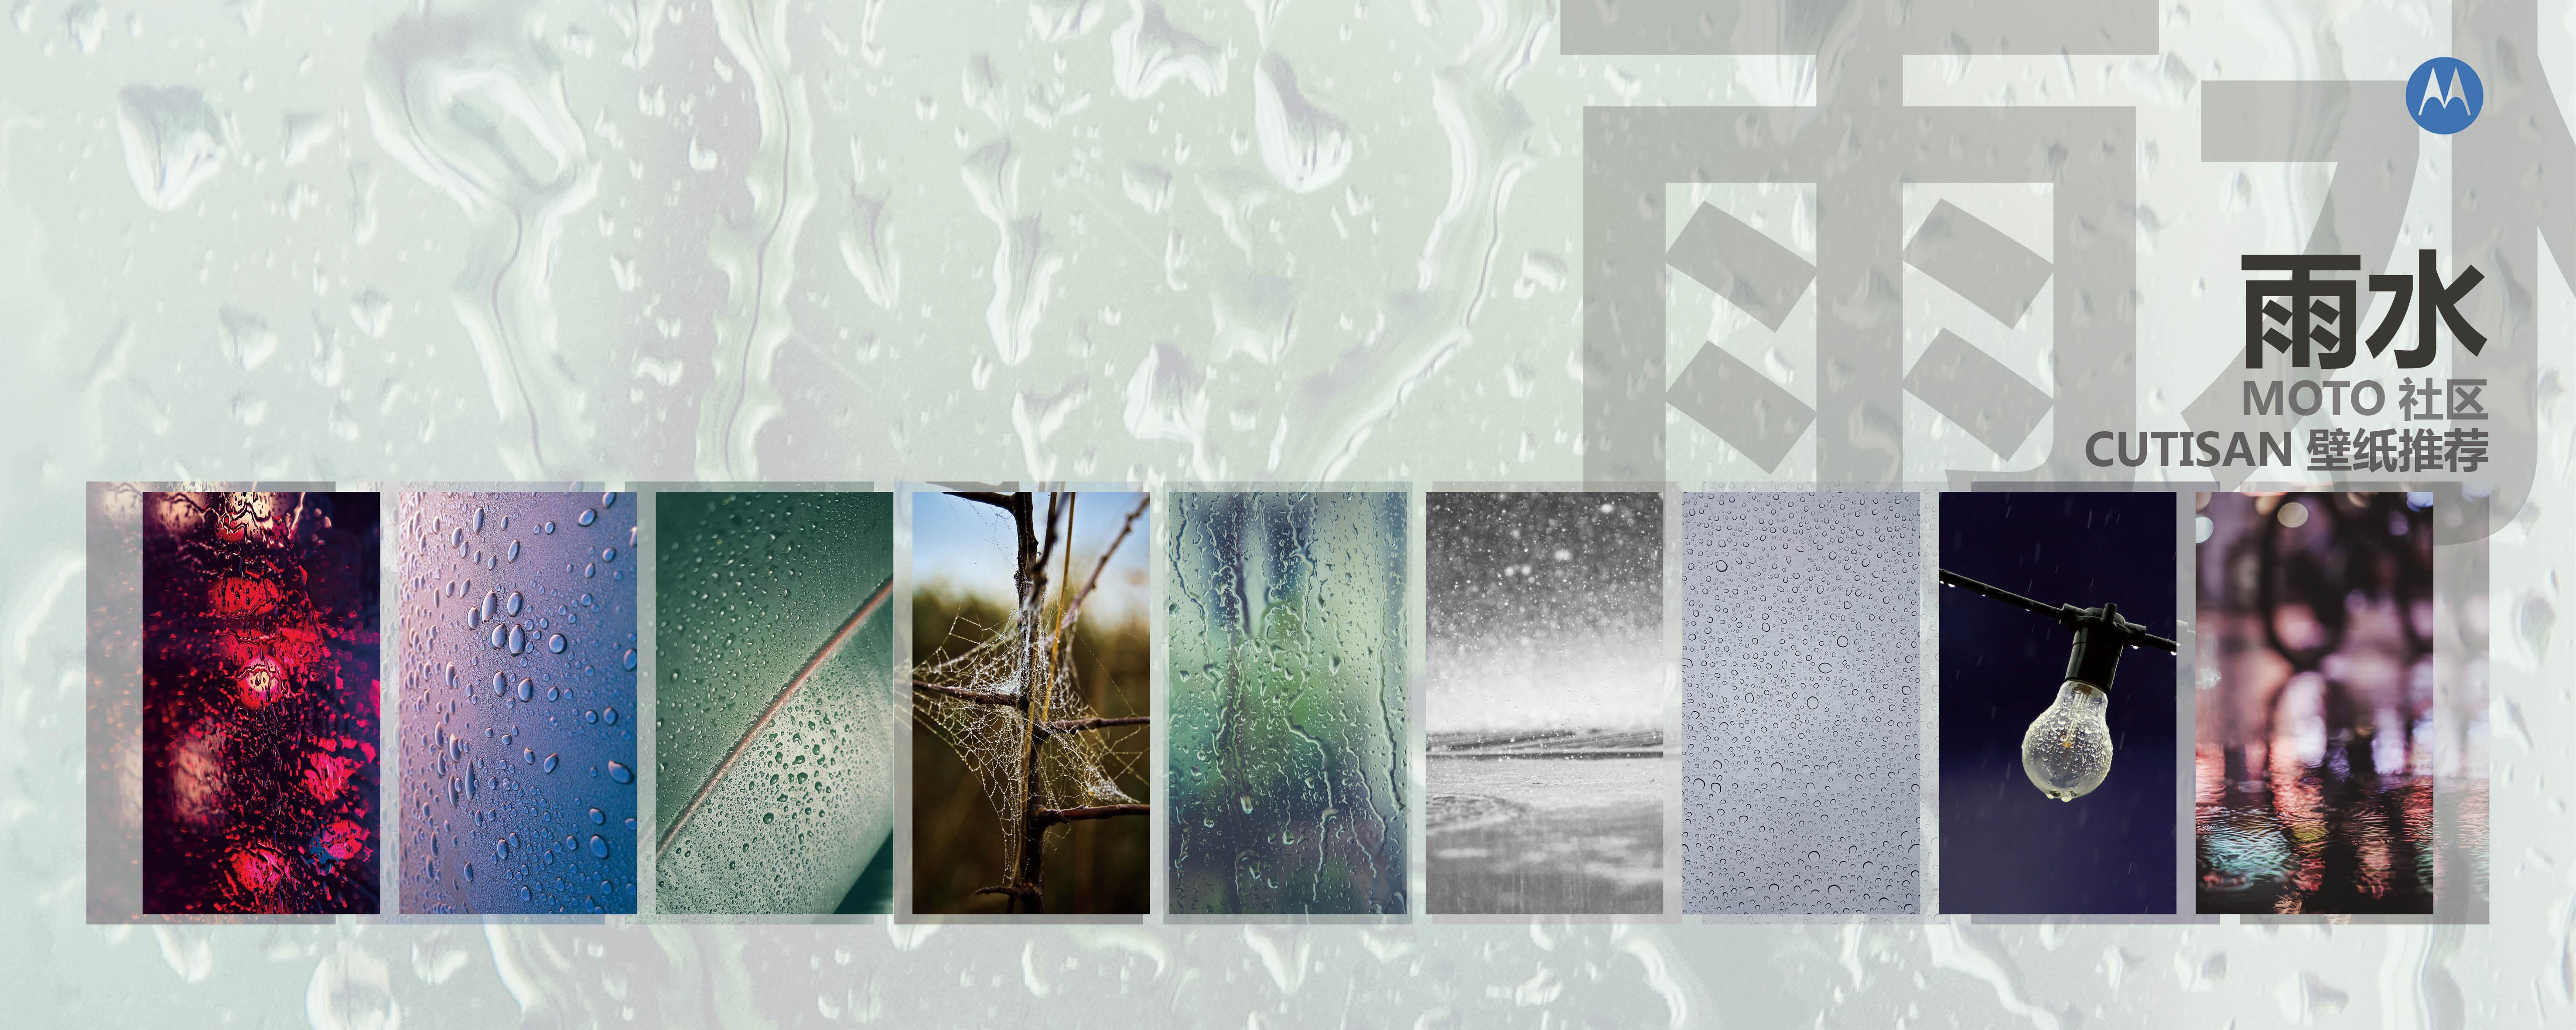 雨水.jpg